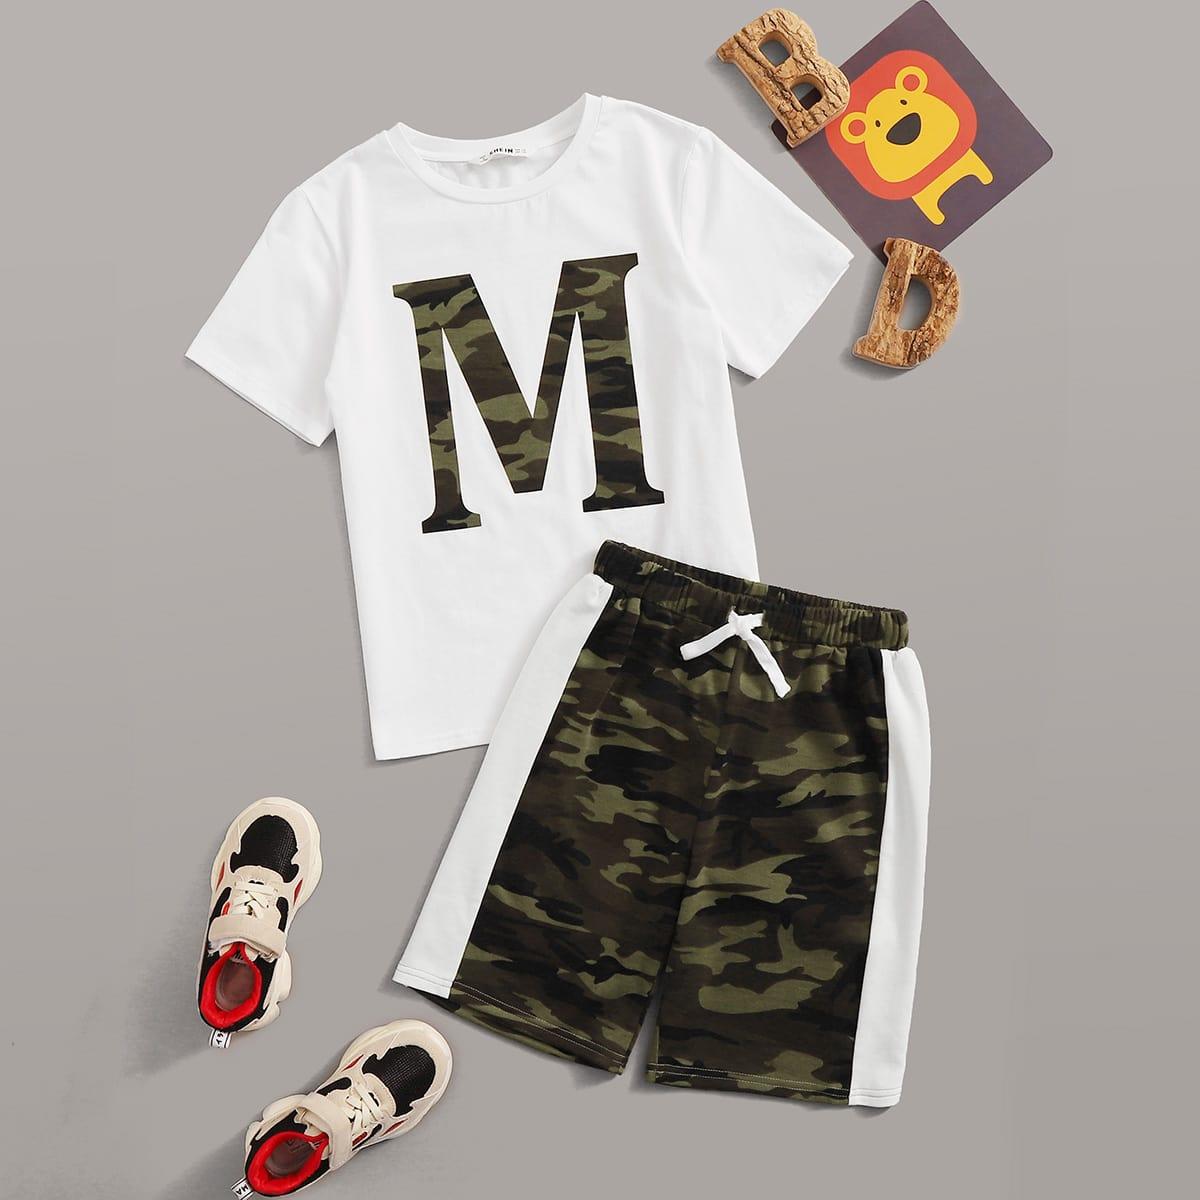 Топ с текстовым принтом и контрастные камуфляжные шорты для мальчиков